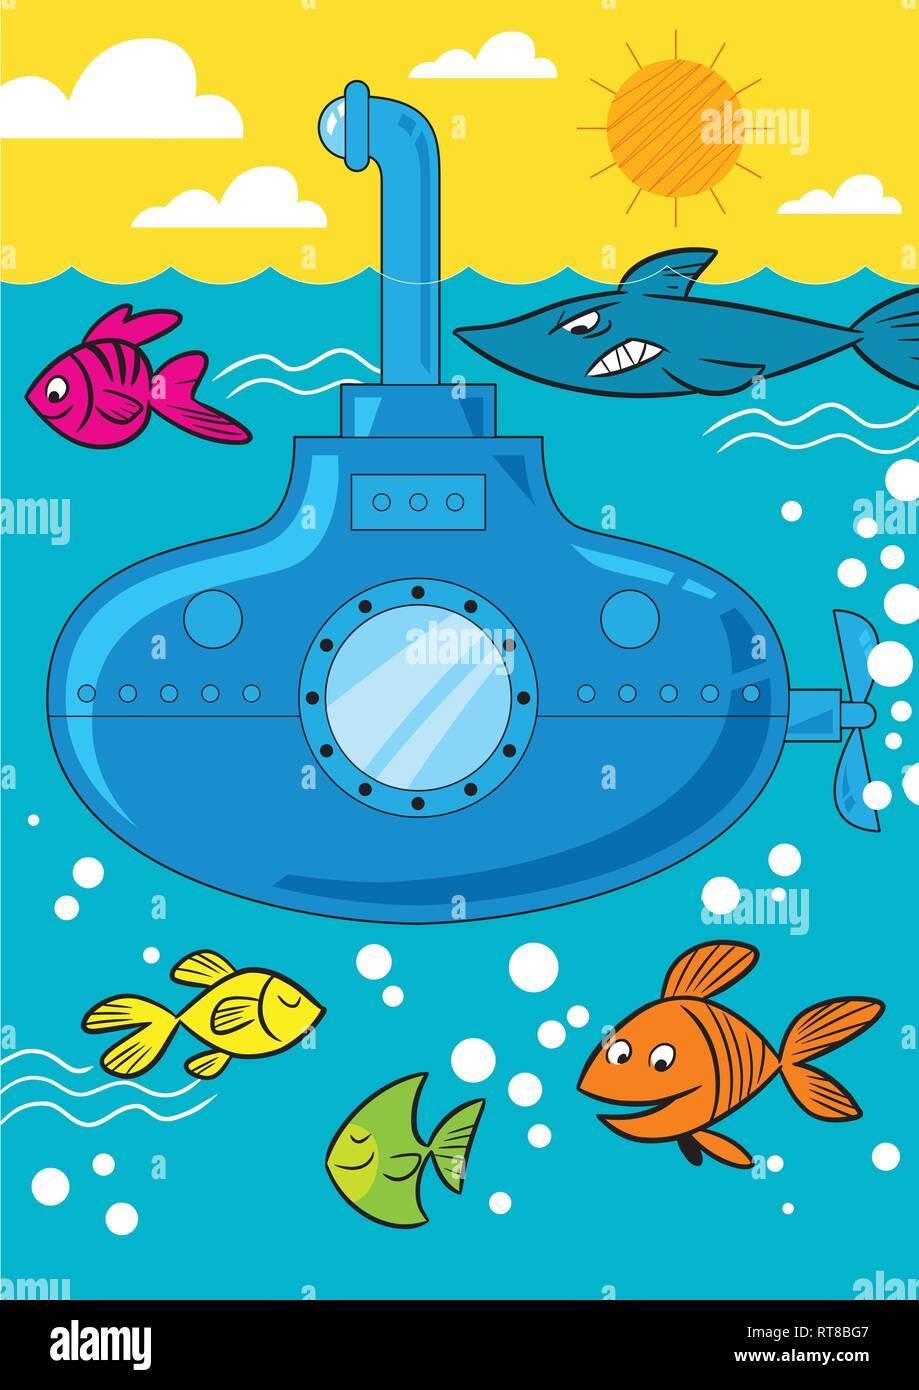 Dans L Illustration Vectorielle Un Sous Marin Dessin Anime Va Au Fond De La Mer Et Le Poisson Nage Pres De Image Vectorielle Stock Alamy